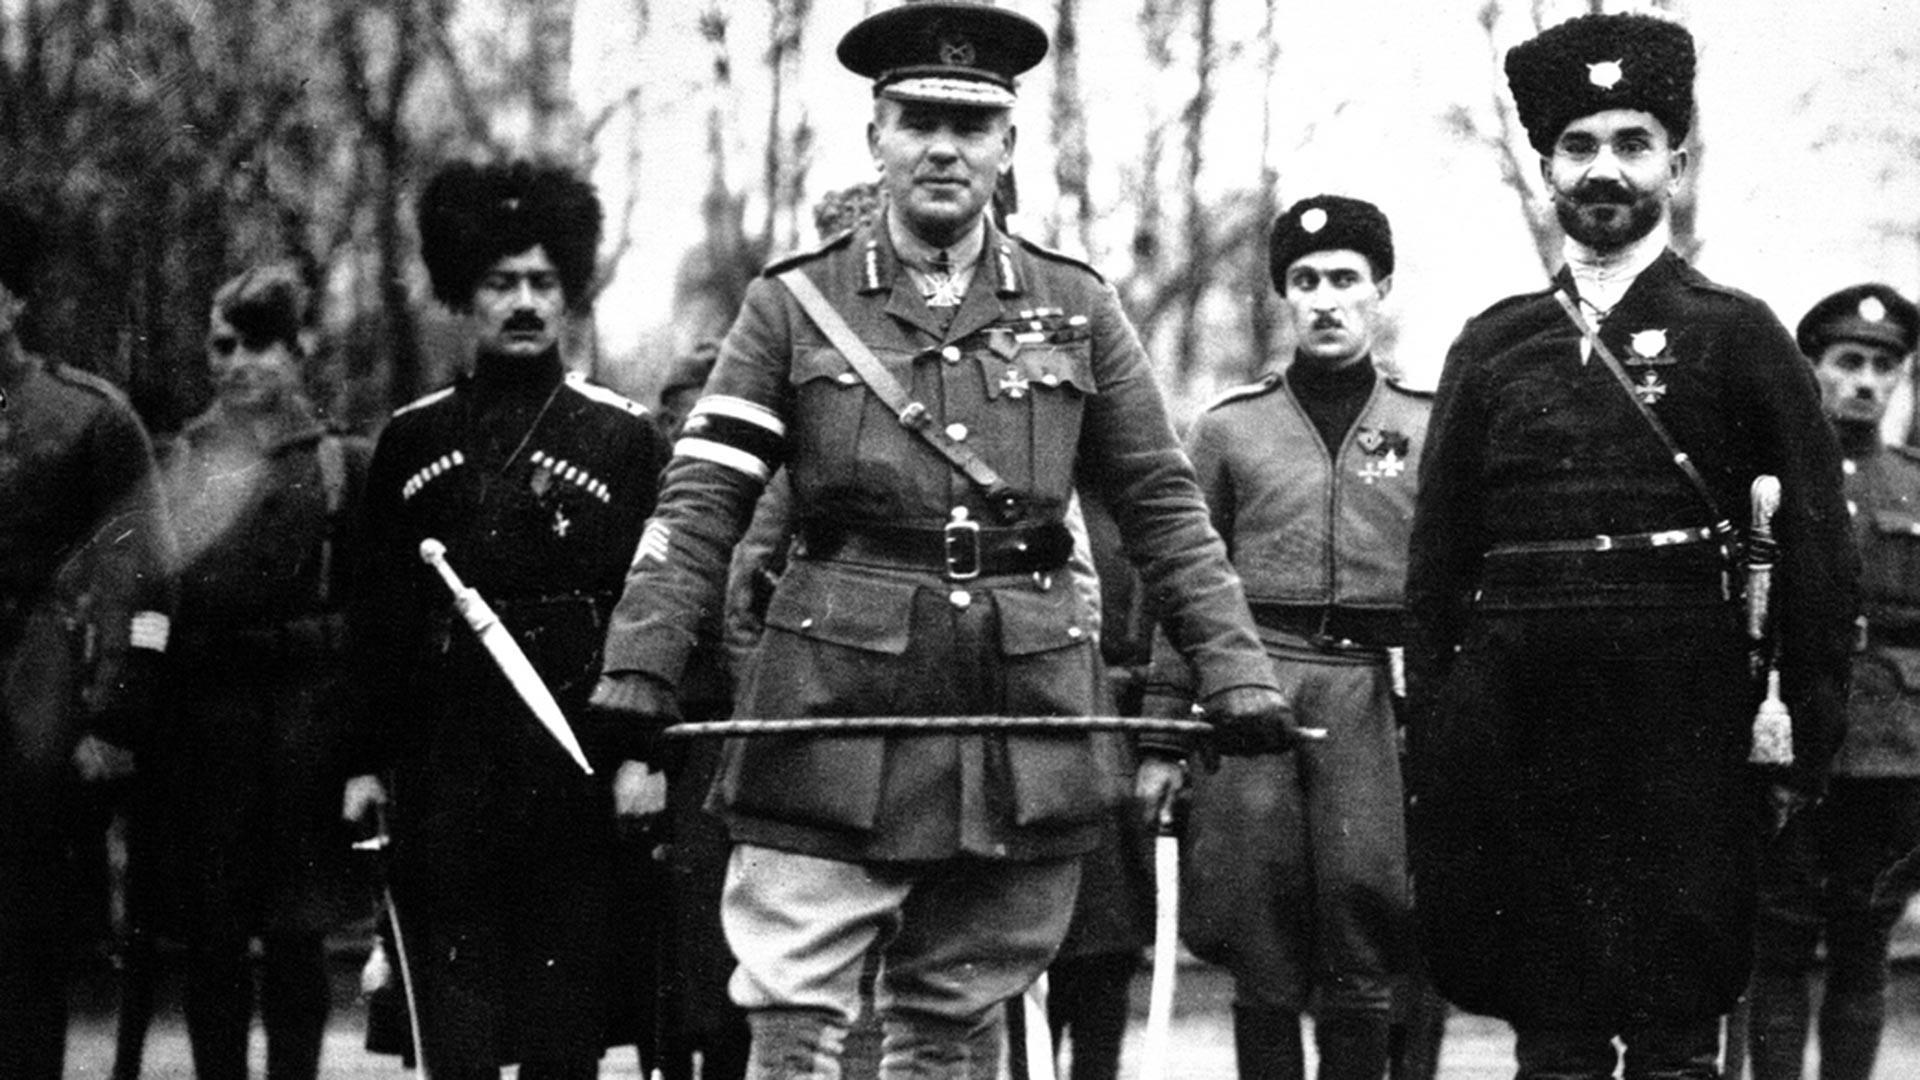 Major General Frederick C. Poole in Arkhangelsk.